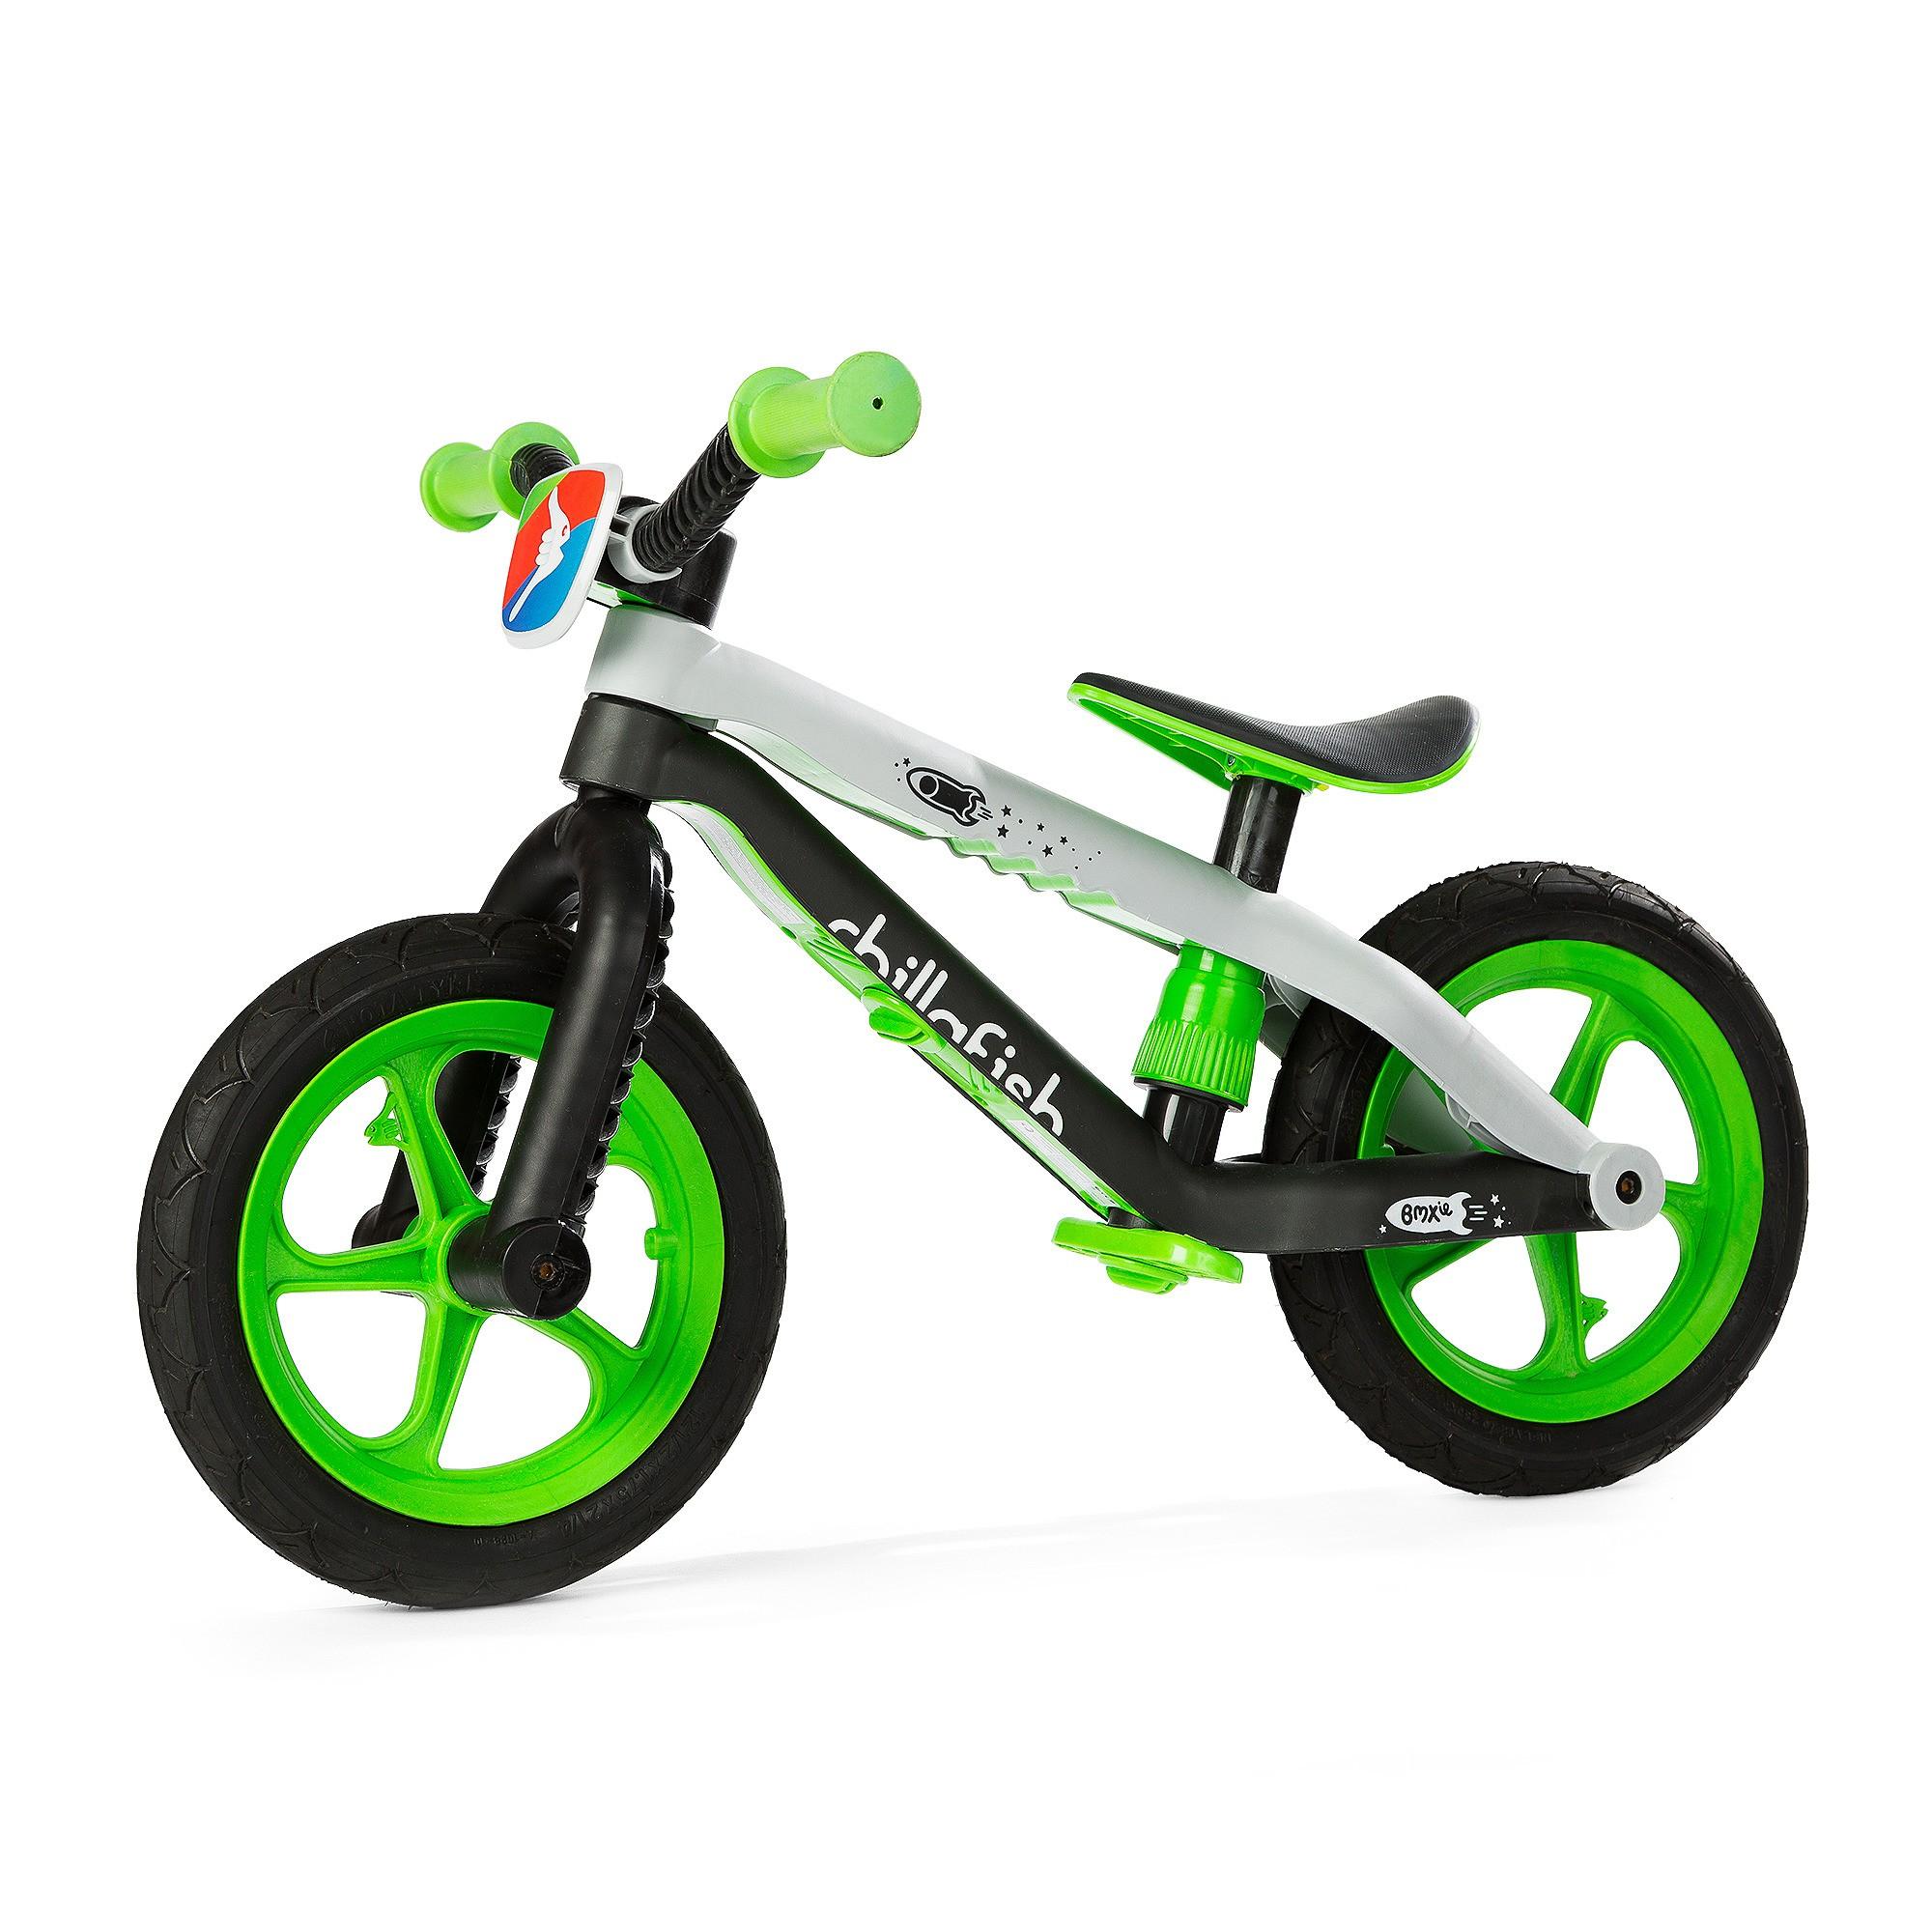 Chillafish Bmxie 12 Kid S Balance Bike 2 5 Years Lime